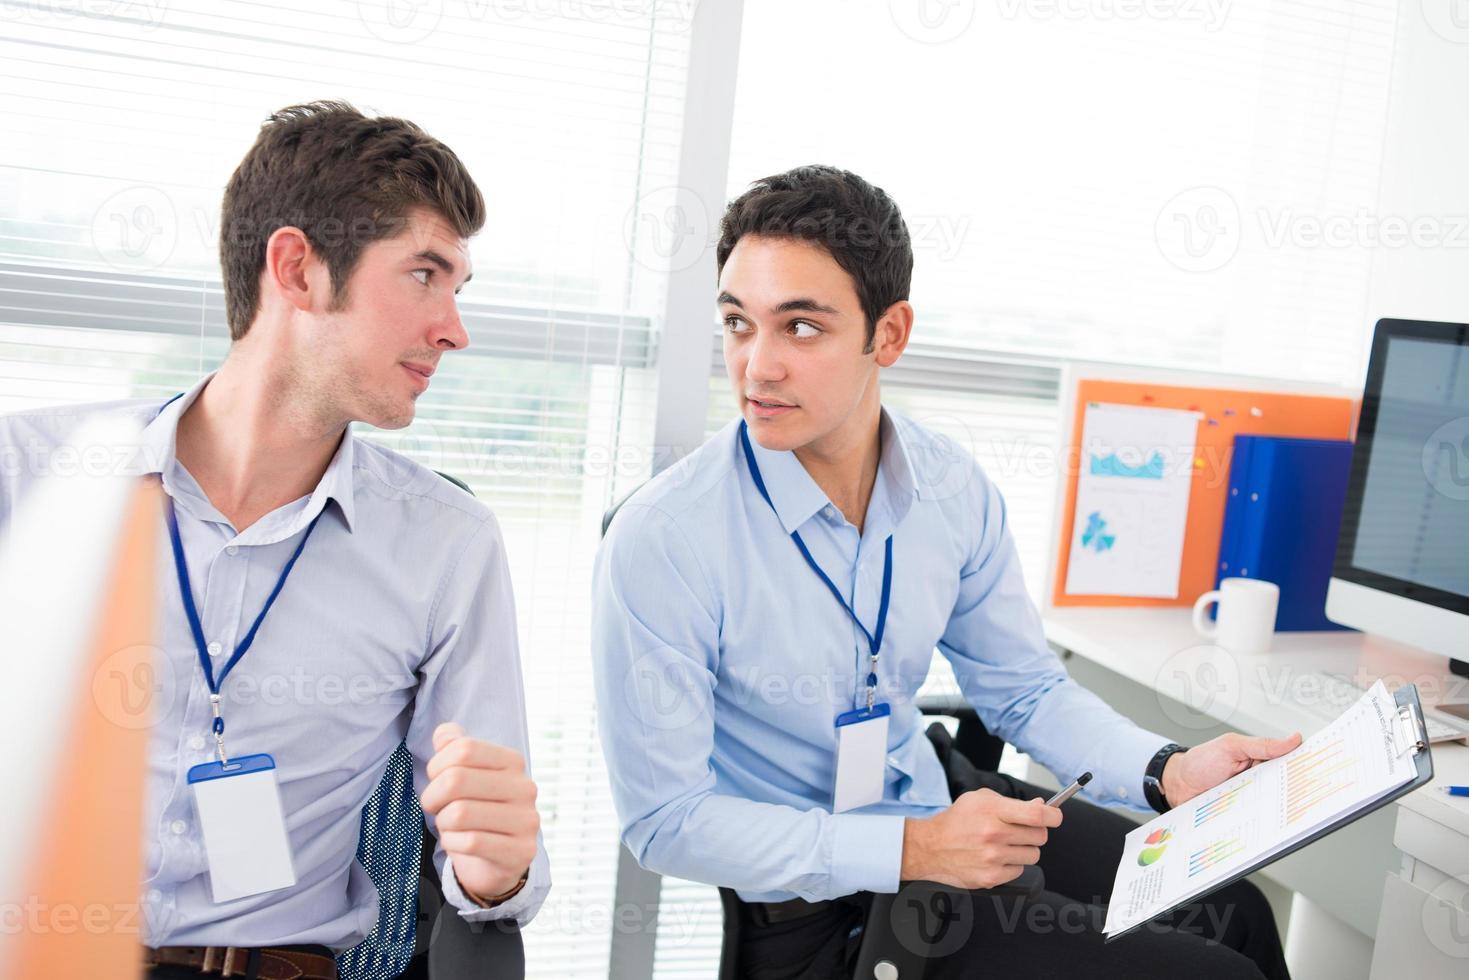 communiquer avec des collègues photo